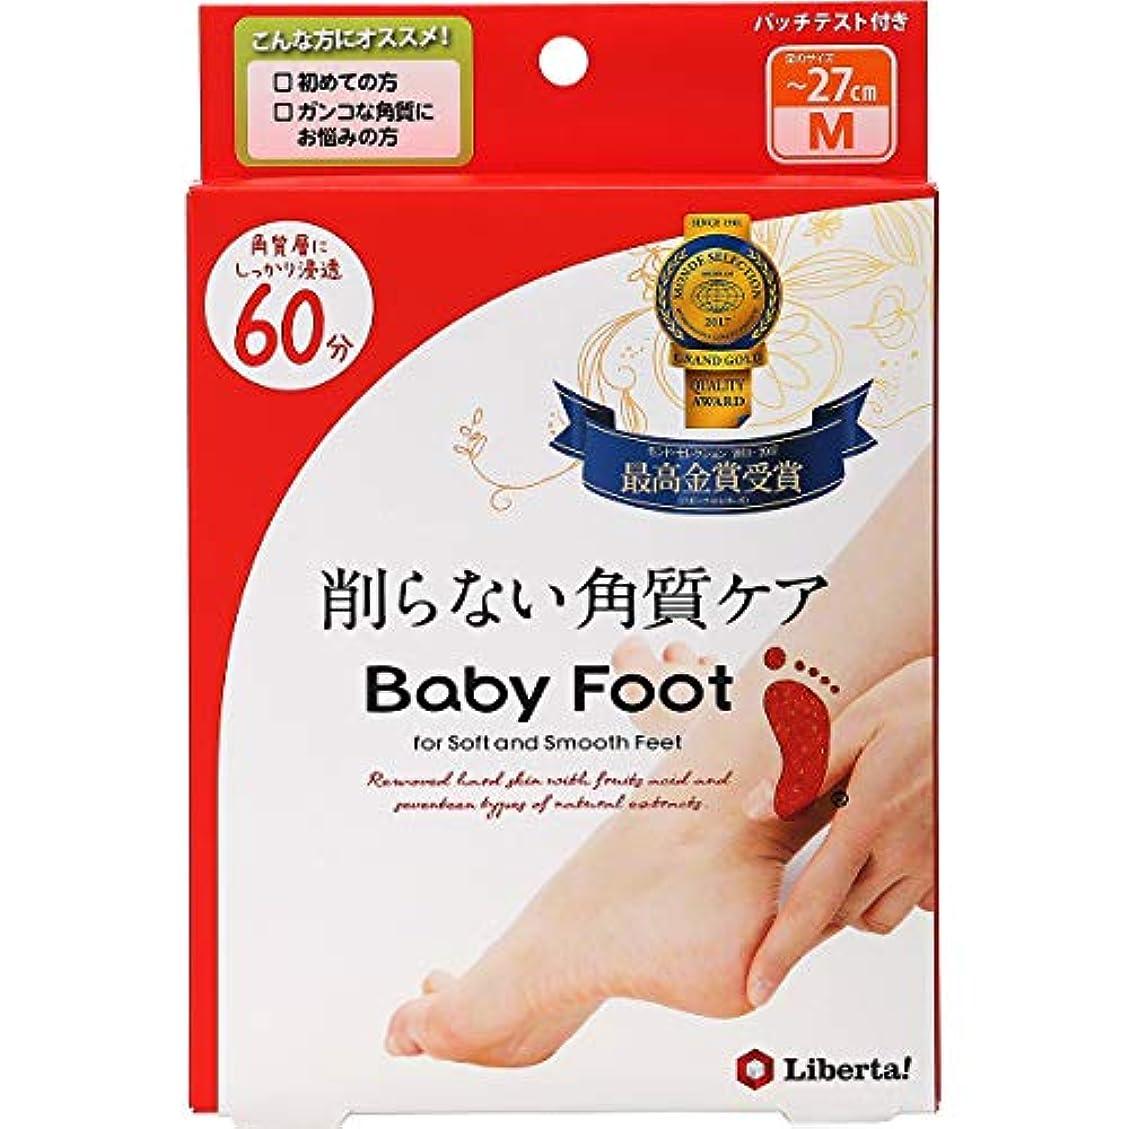 資本主義強制的エンゲージメントベビーフット (Baby Foot) ベビーフット イージーパック SPT60分タイプ Mサイズ 単品